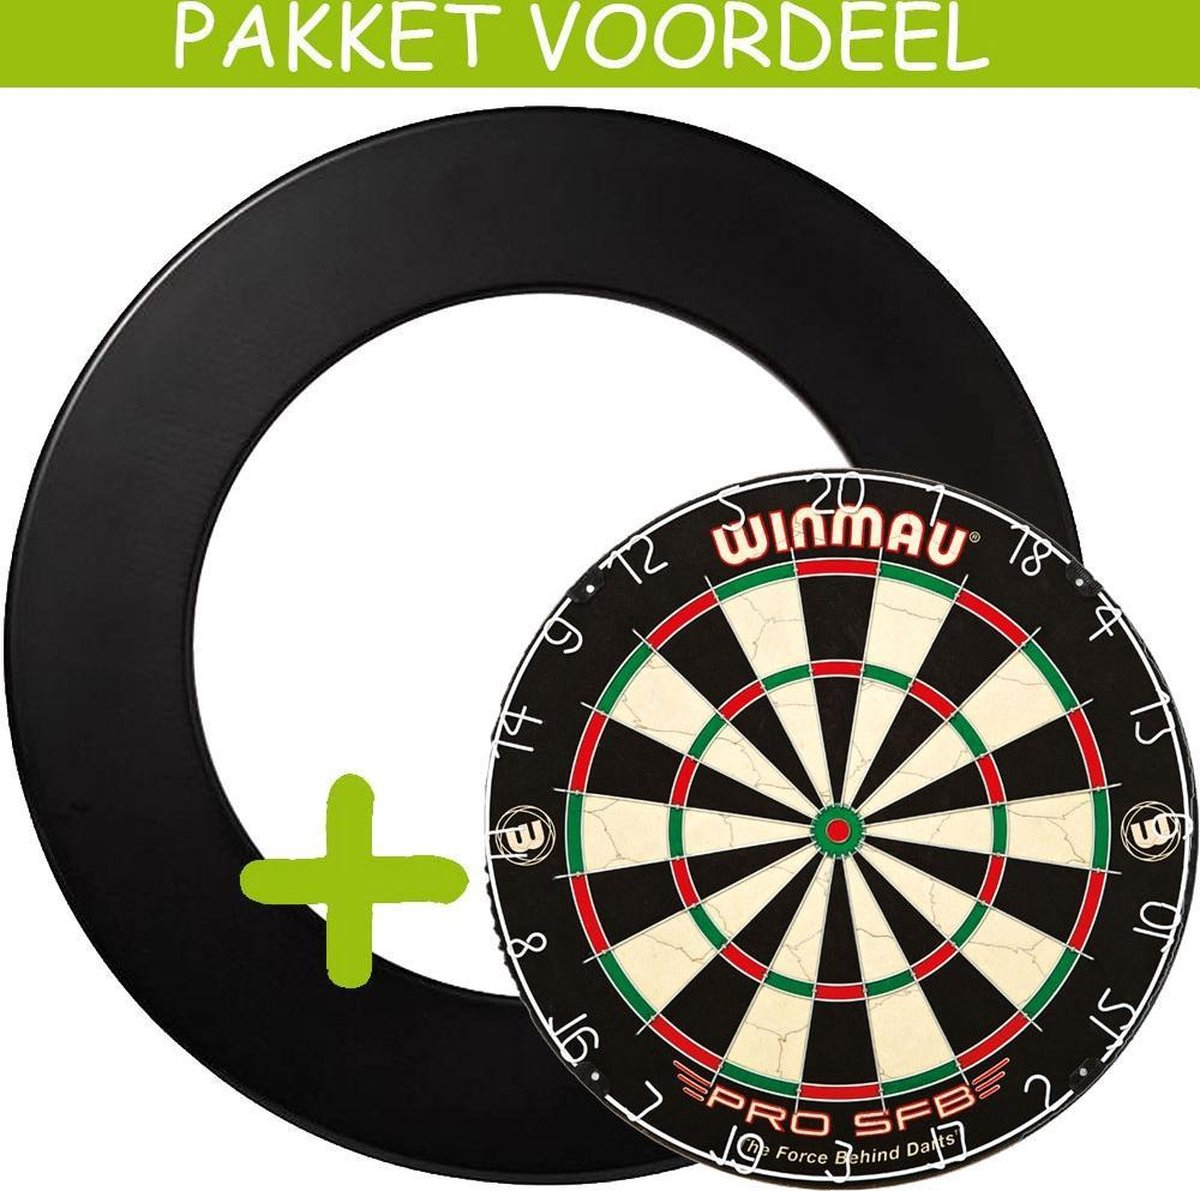 Dartbord Surround VoordeelPakket - Pro SFB - Rubberen Surround-- (Zwart)